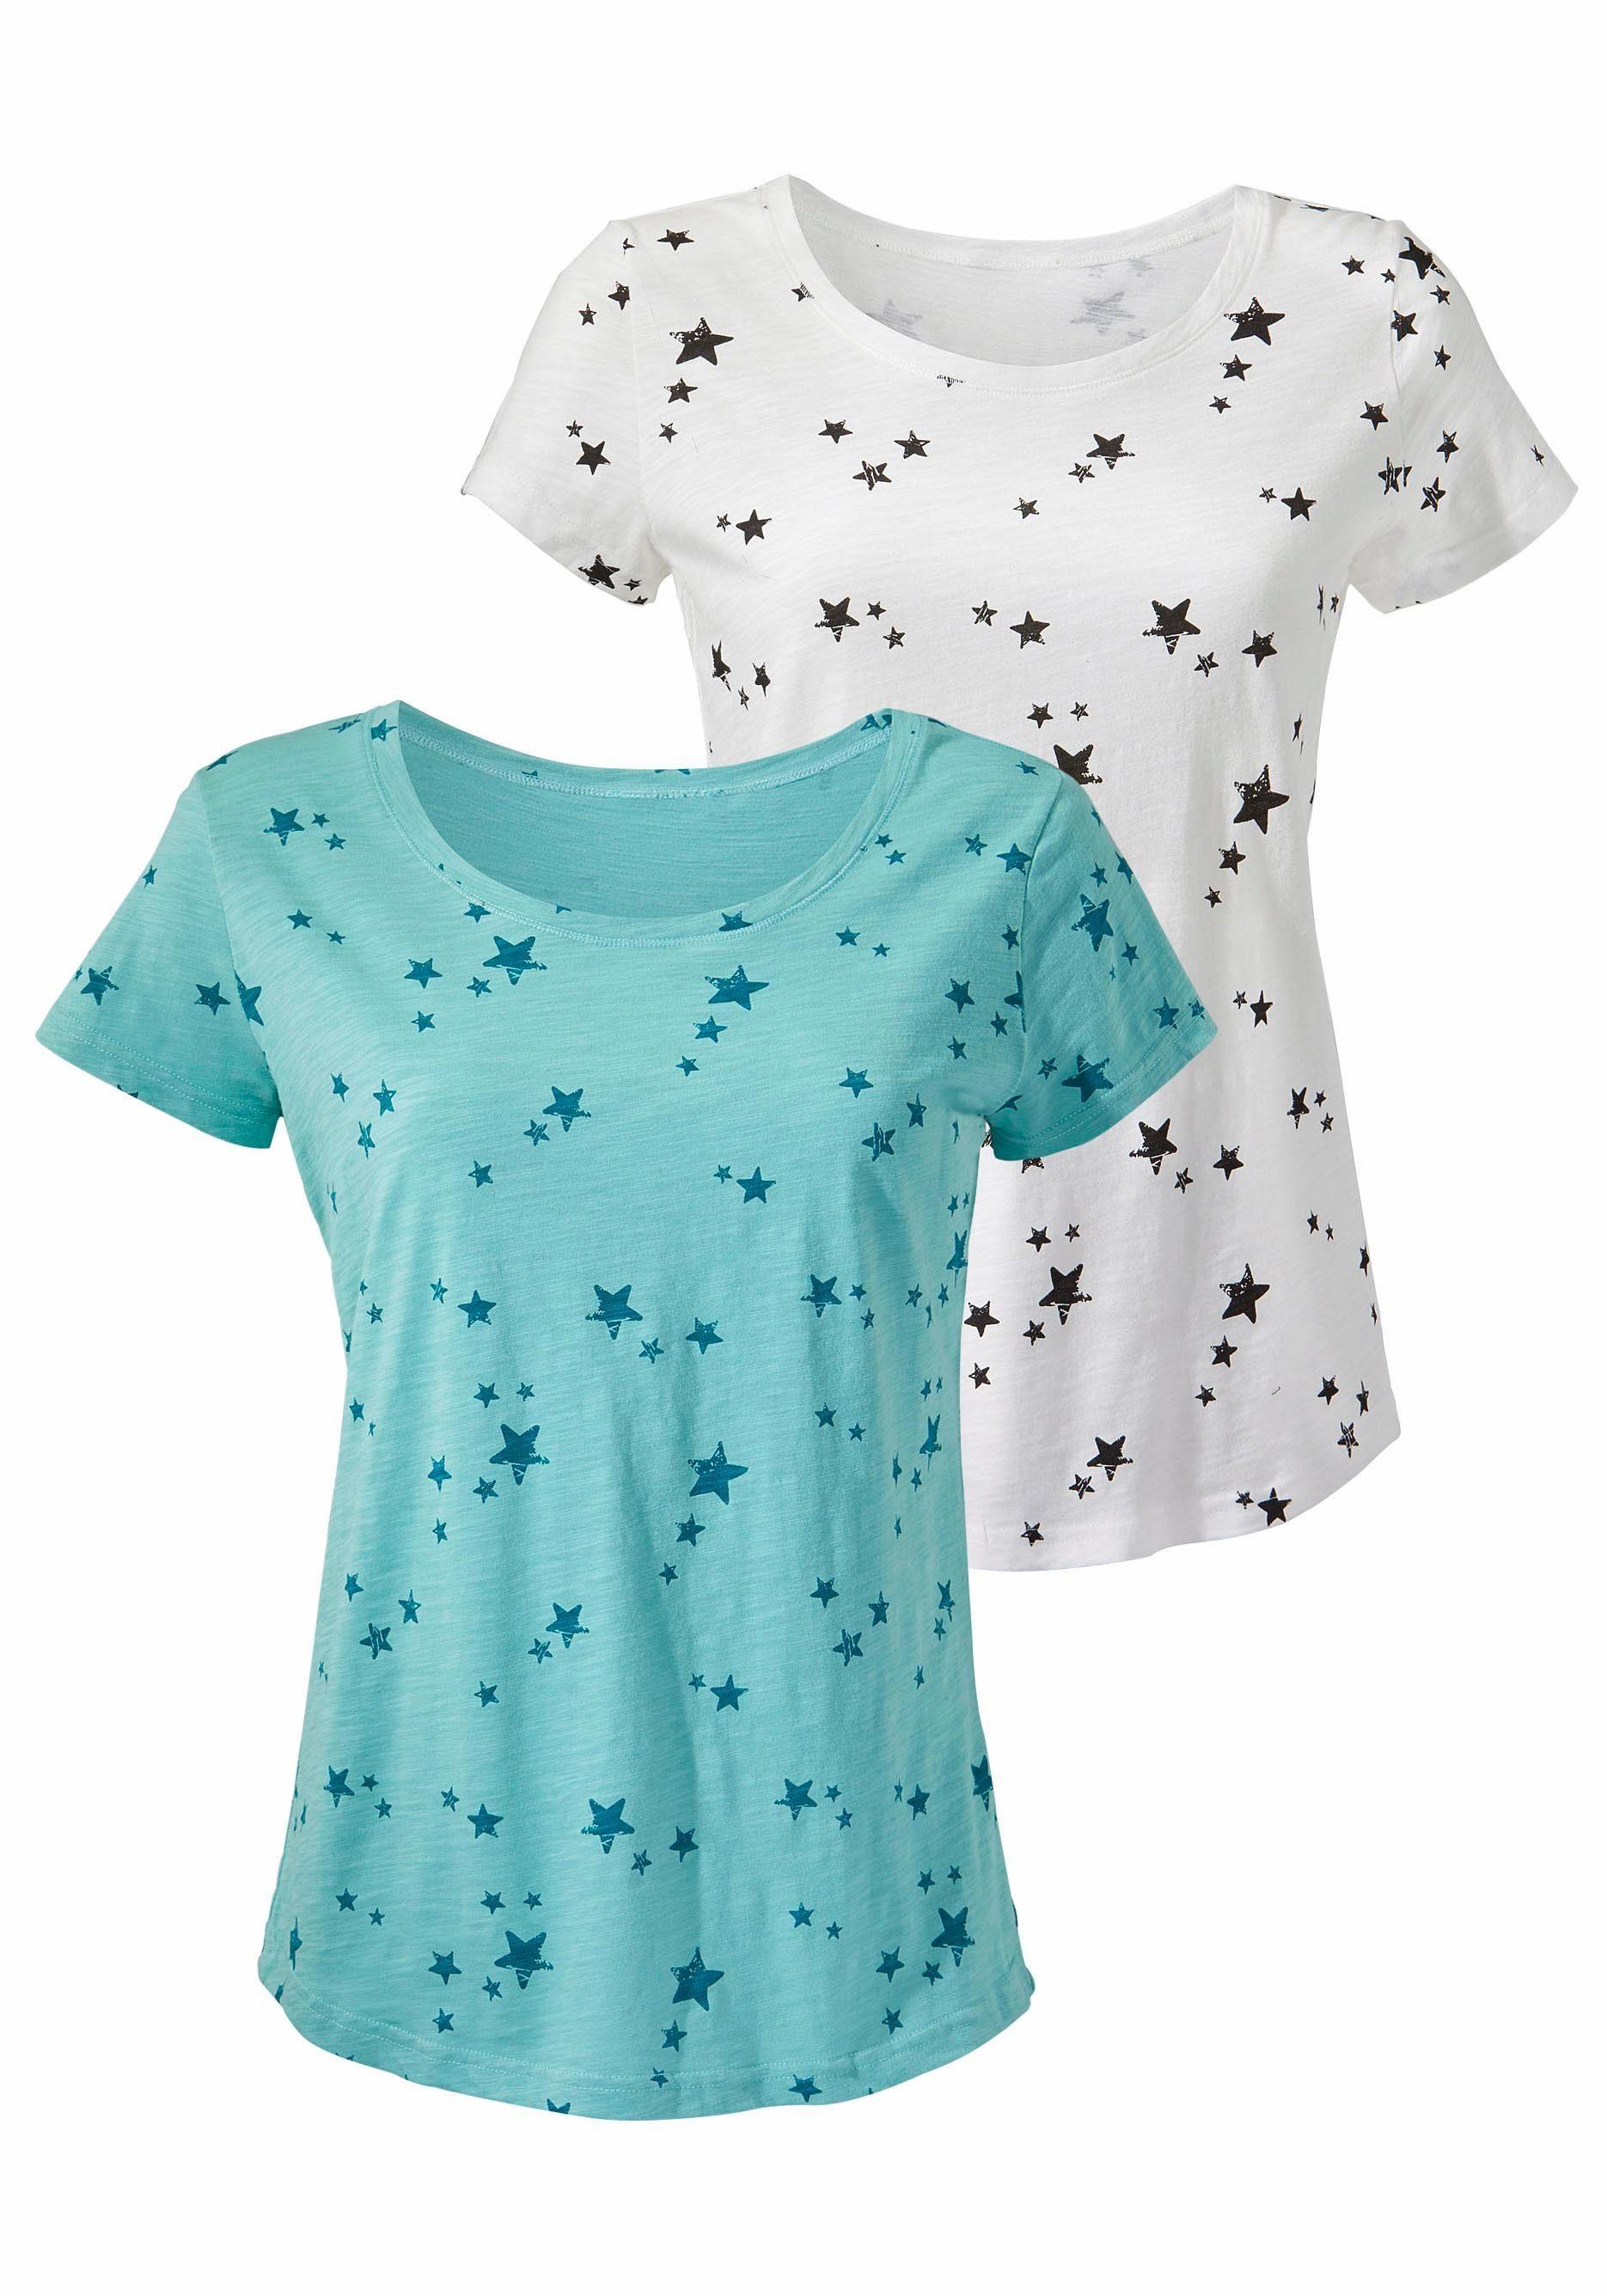 druck Vivance Online T Sterne shirt2er packMit Kaufen Schönem dCxhorBtsQ